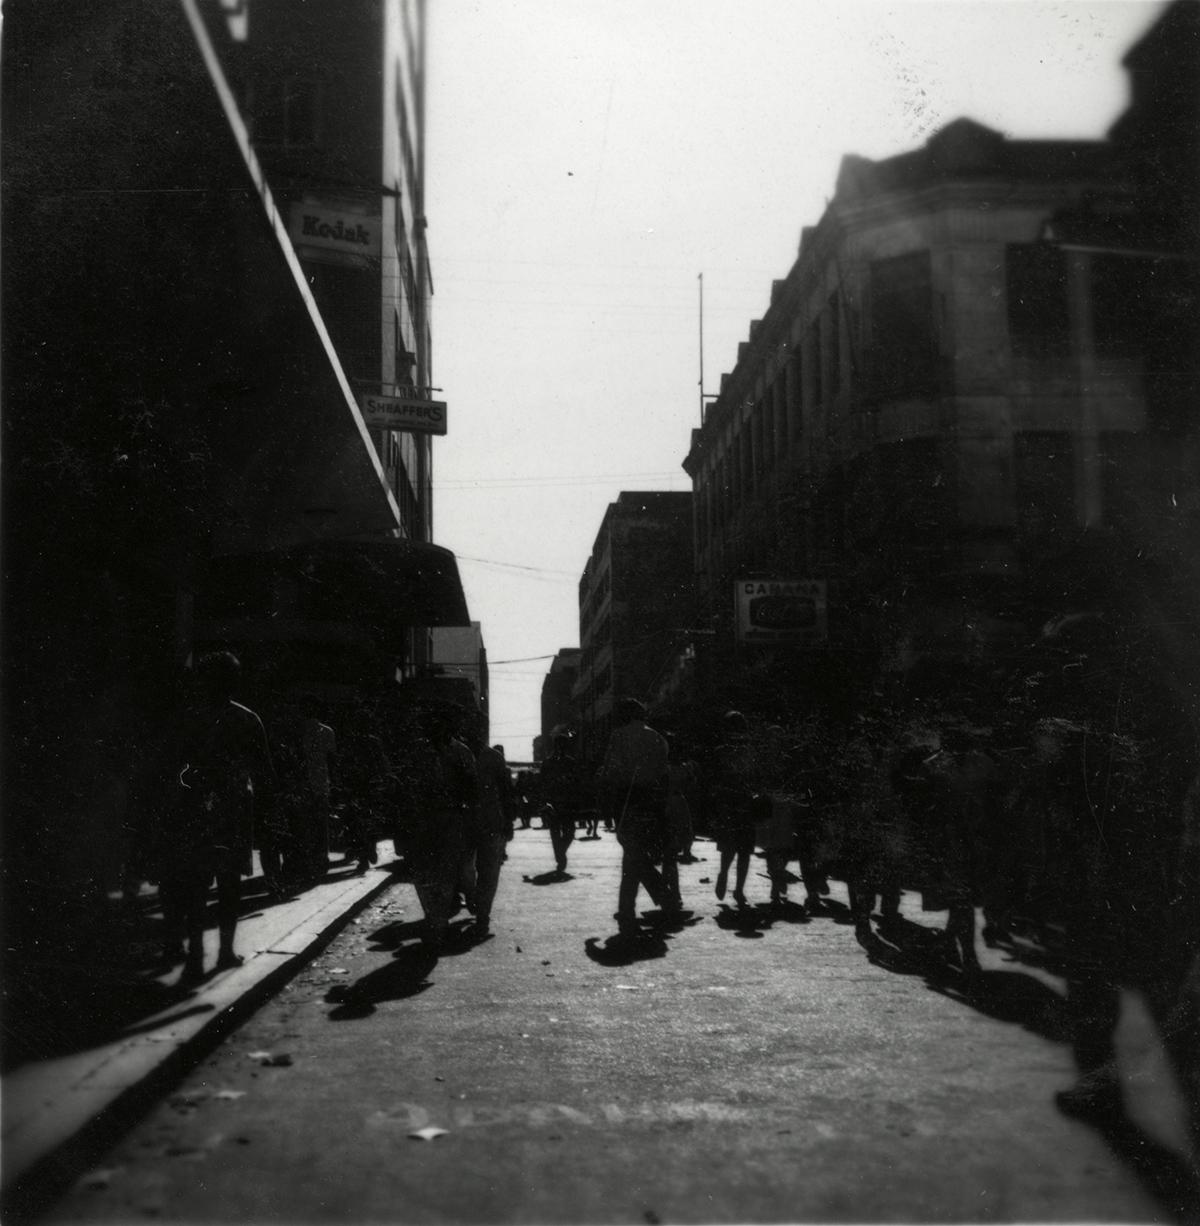 Ato no Centro de Fortaleza, Greve do Terço, 1962.